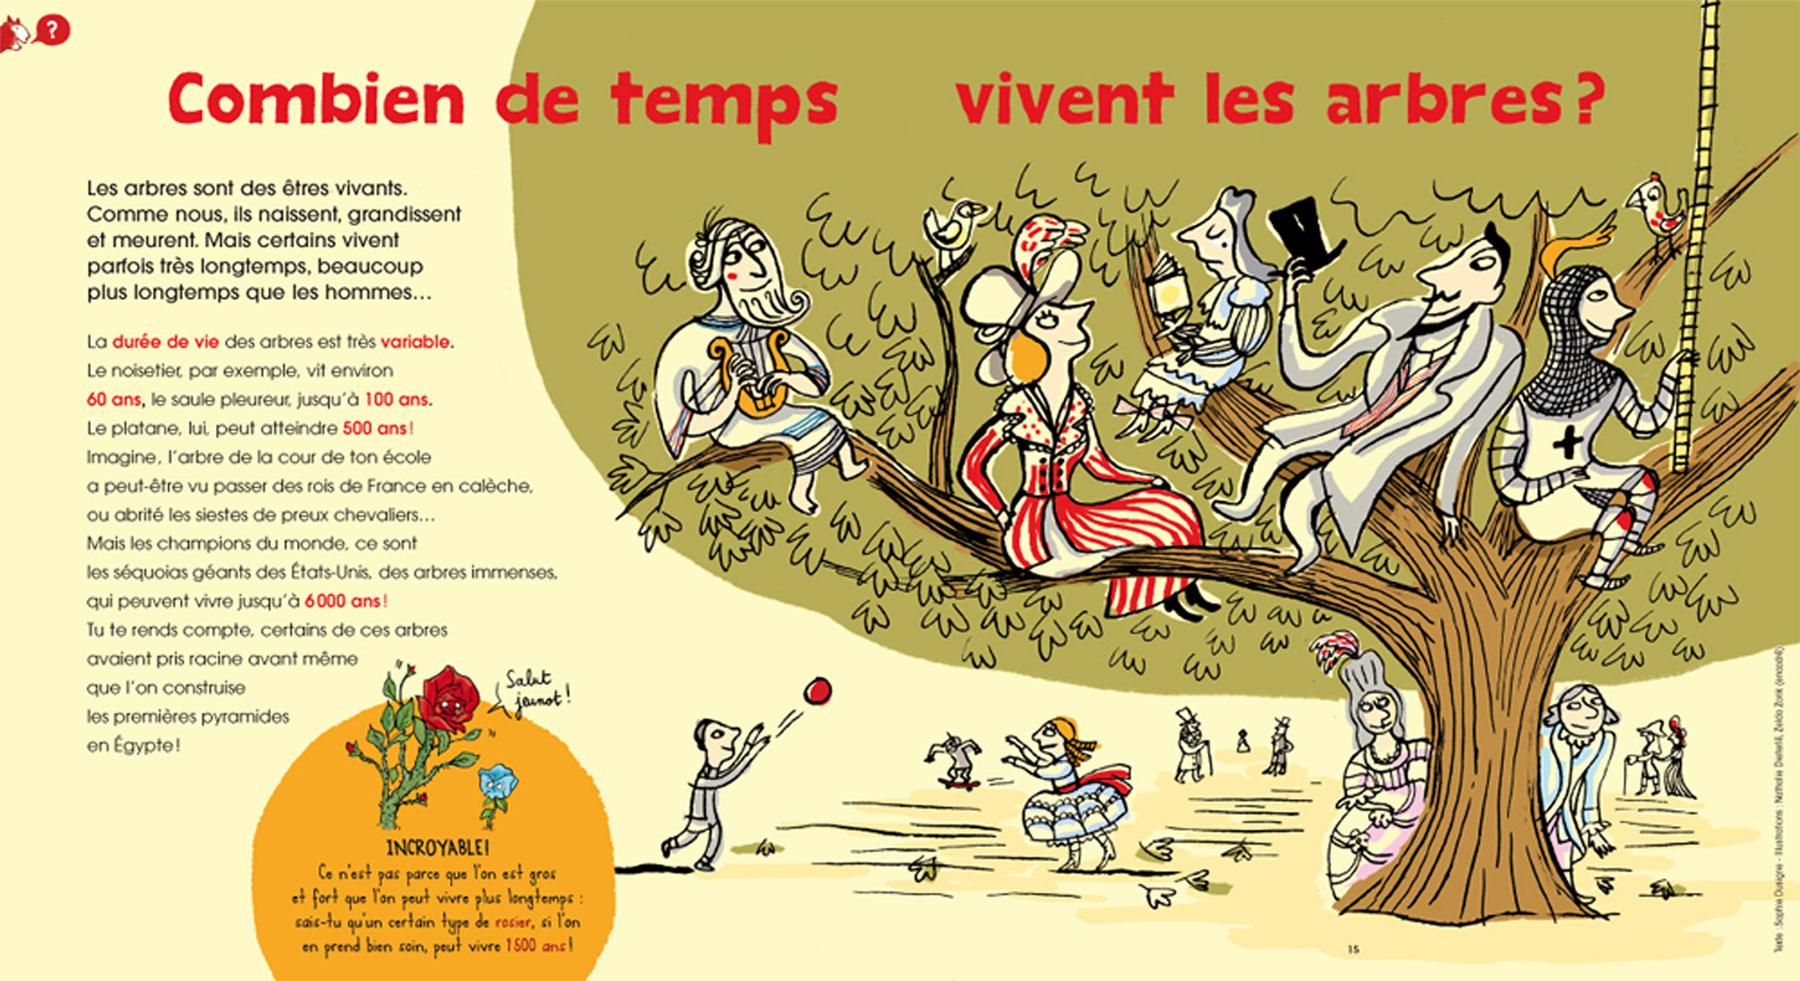 Illstration de Nathalie Dieterlé pour la magazine Pirouette de Fleurus Presse